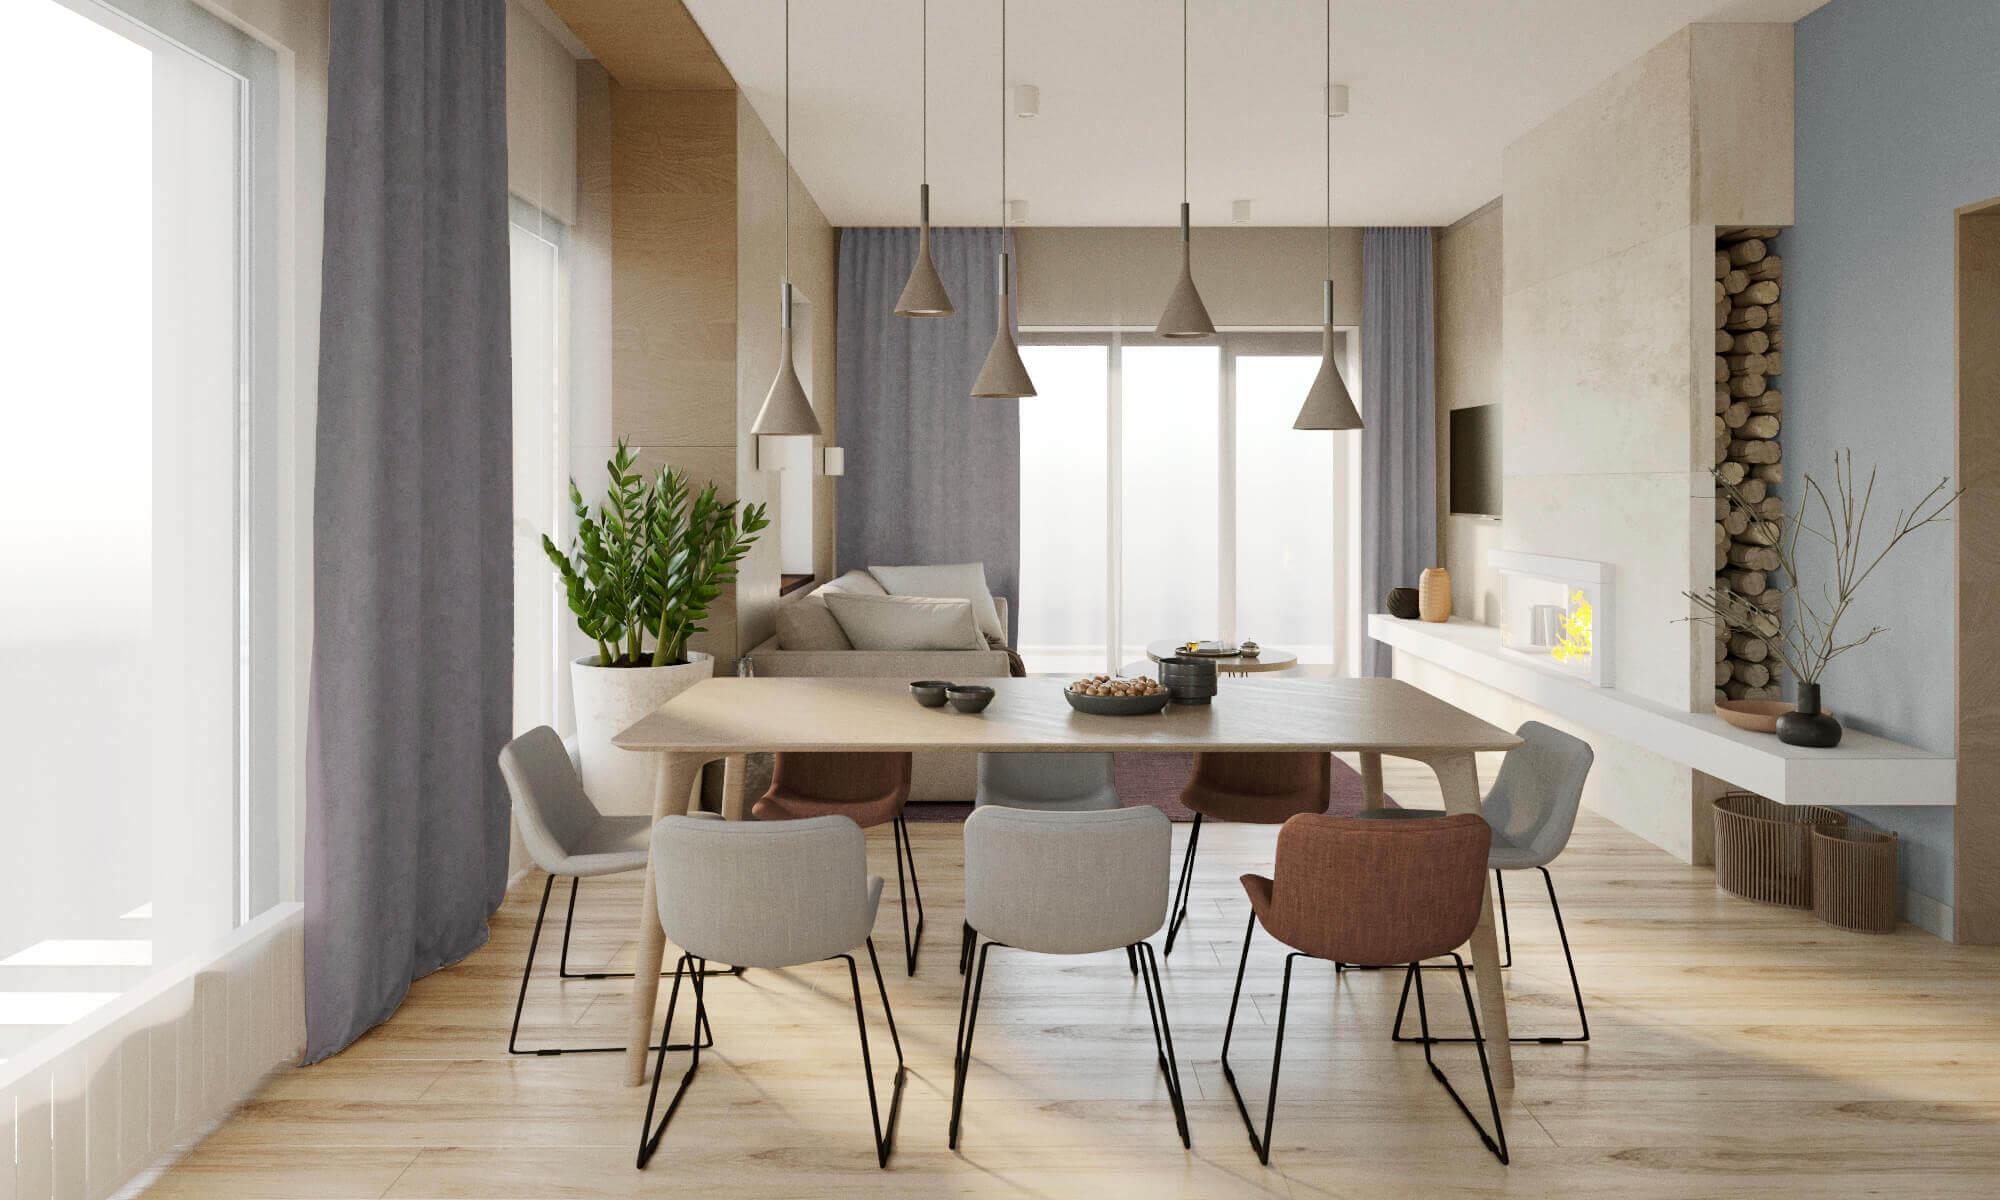 дизайн гостиной с обеденной зоной